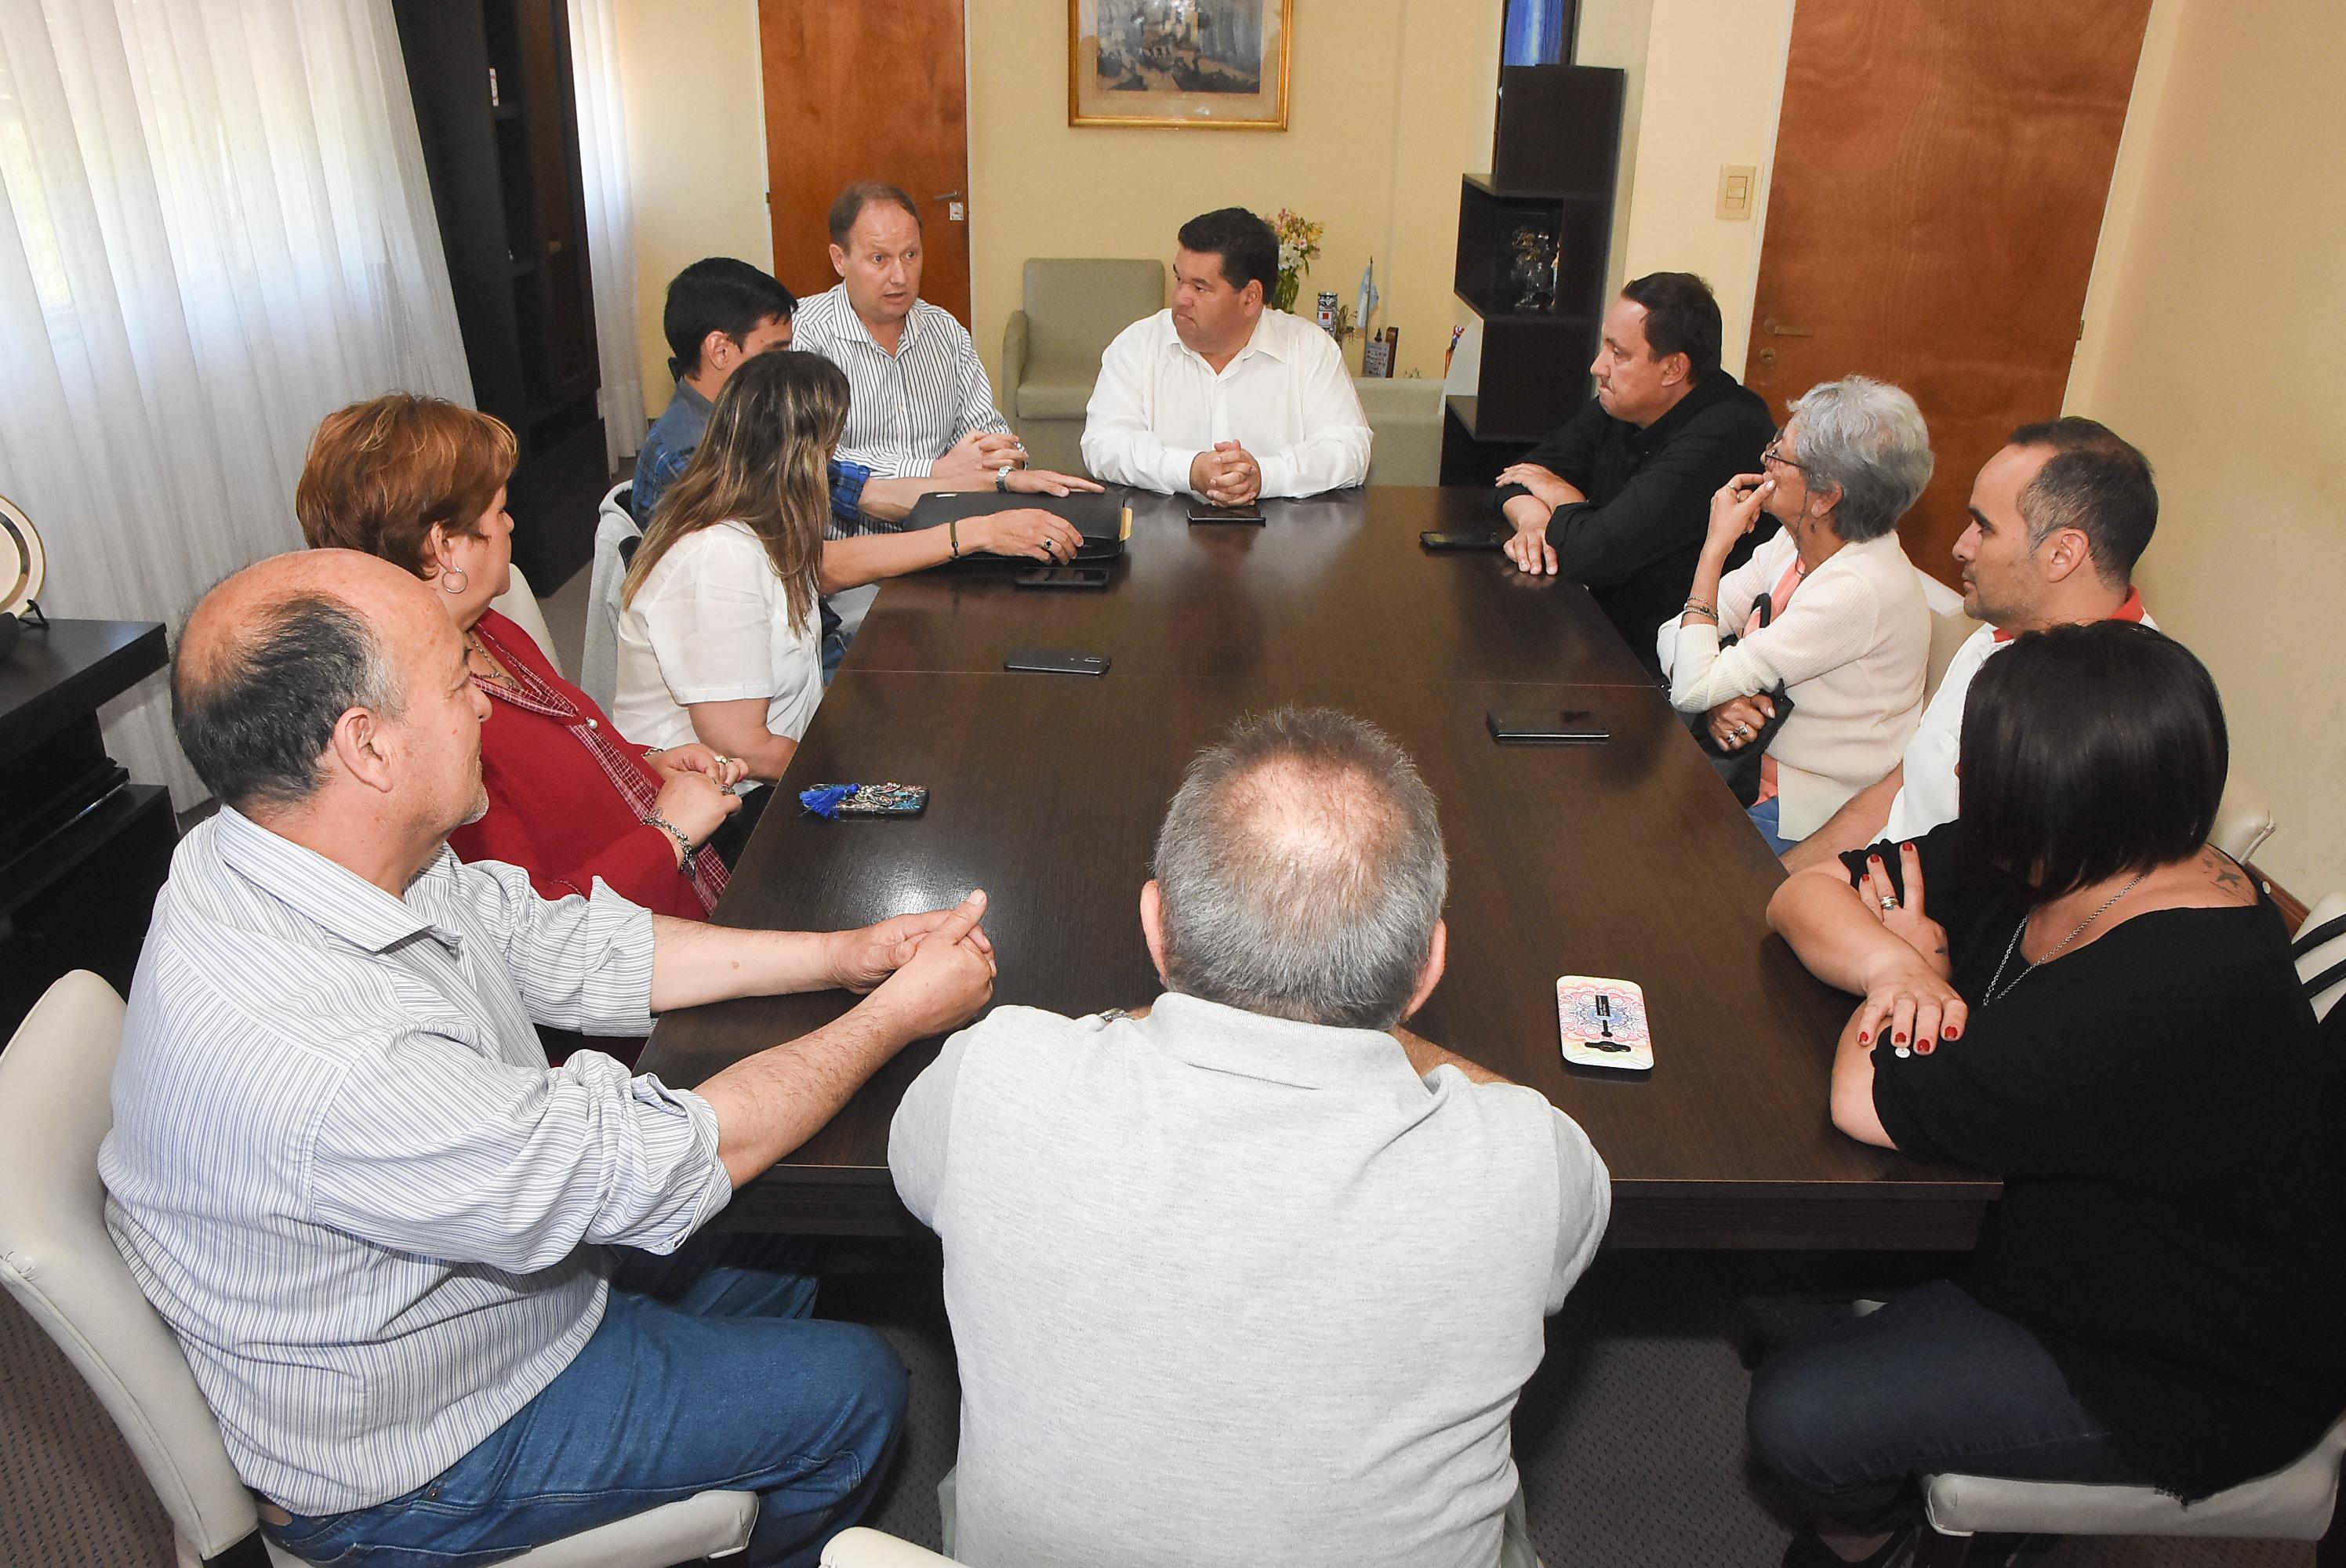 En la mañana de este miércoles, el intendente Jorge Nedela recibió en su despacho a integrantes del recientemente conformado Foro Municipal de Seguridad de Berisso, con la finalidad de tratar temas referidos a su funcionamiento y al de los Foros Vecinales.